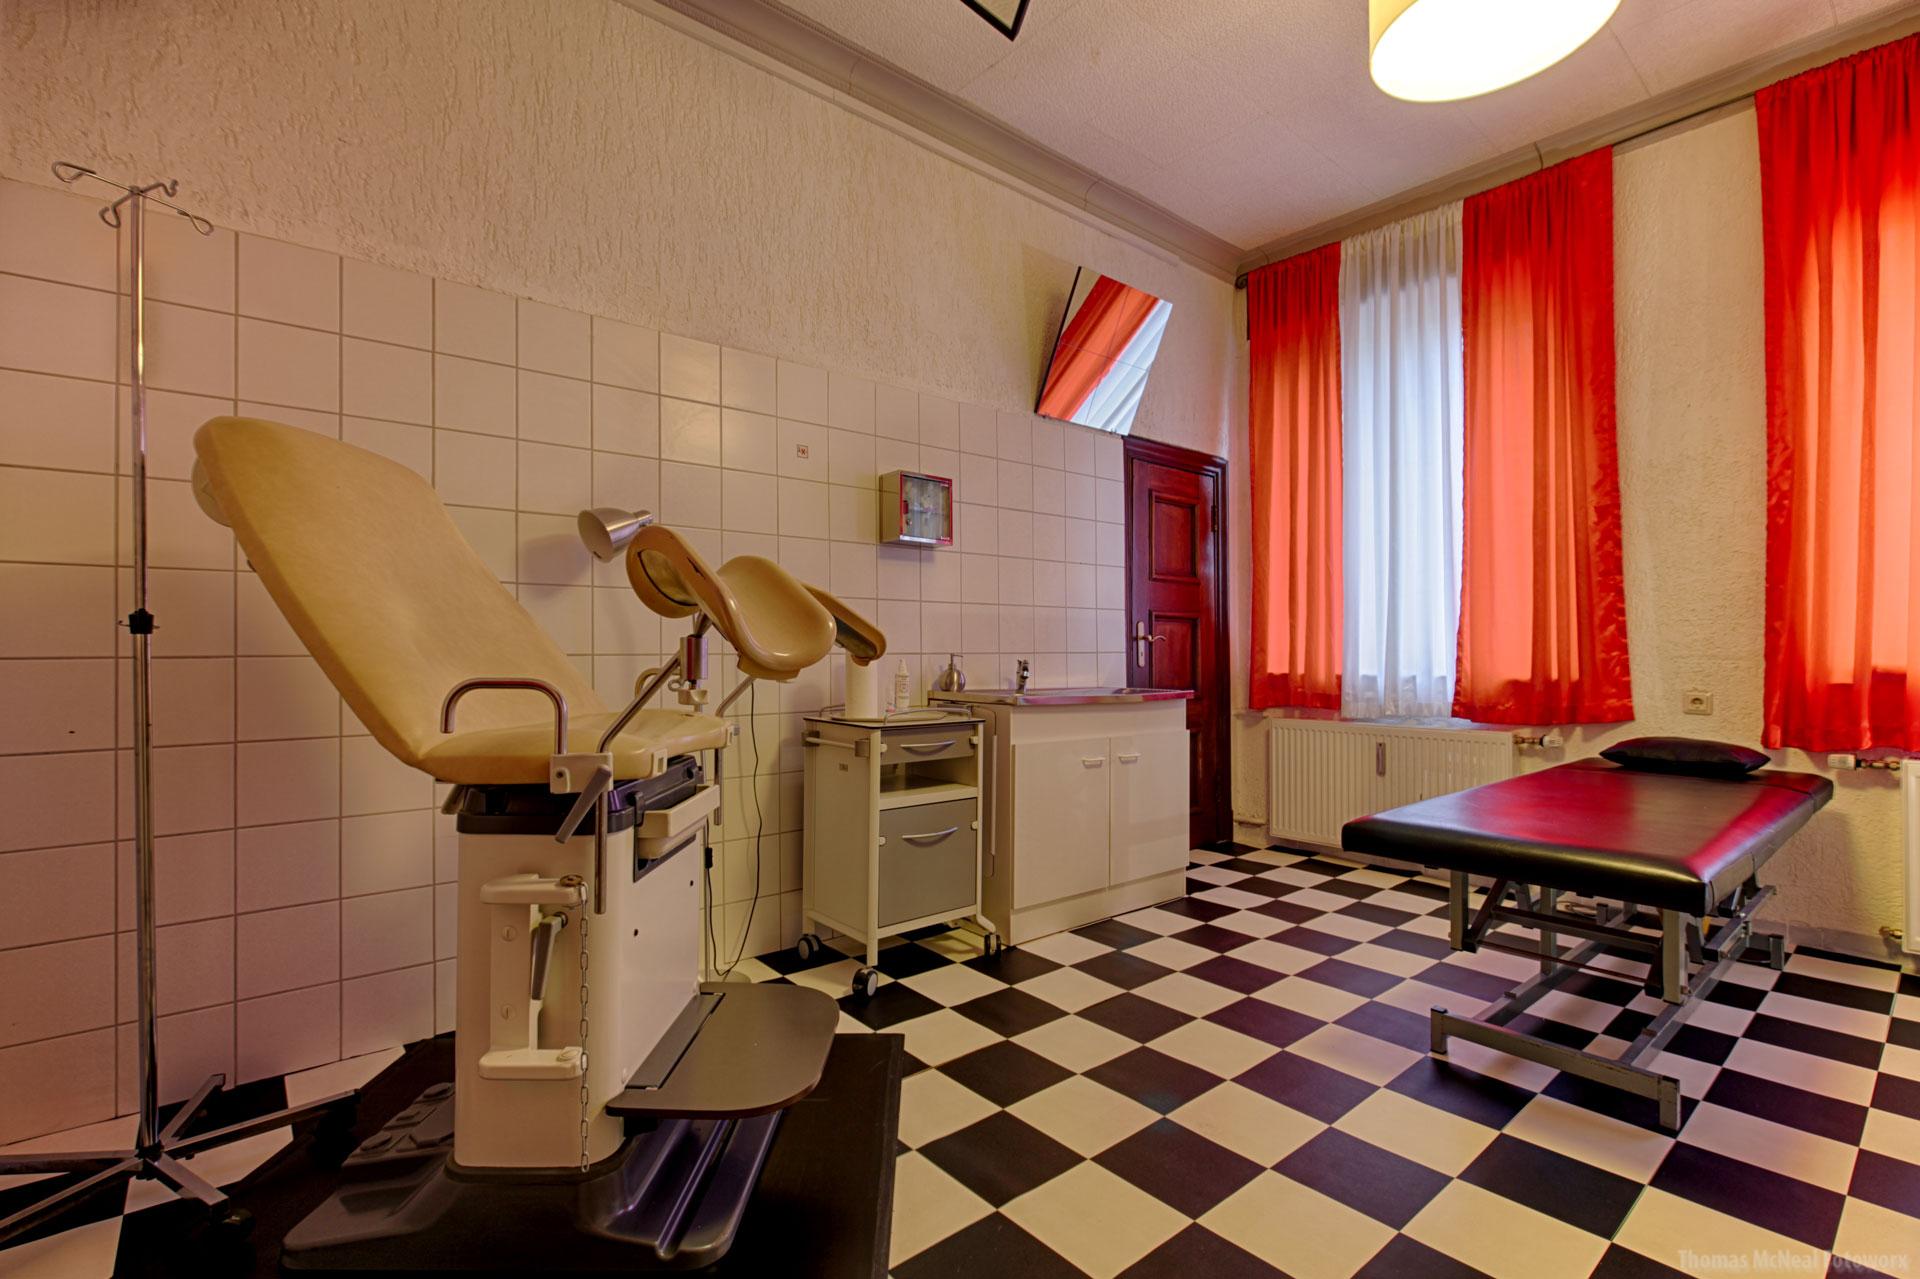 Klinik 1 Fetisch X Dortmund